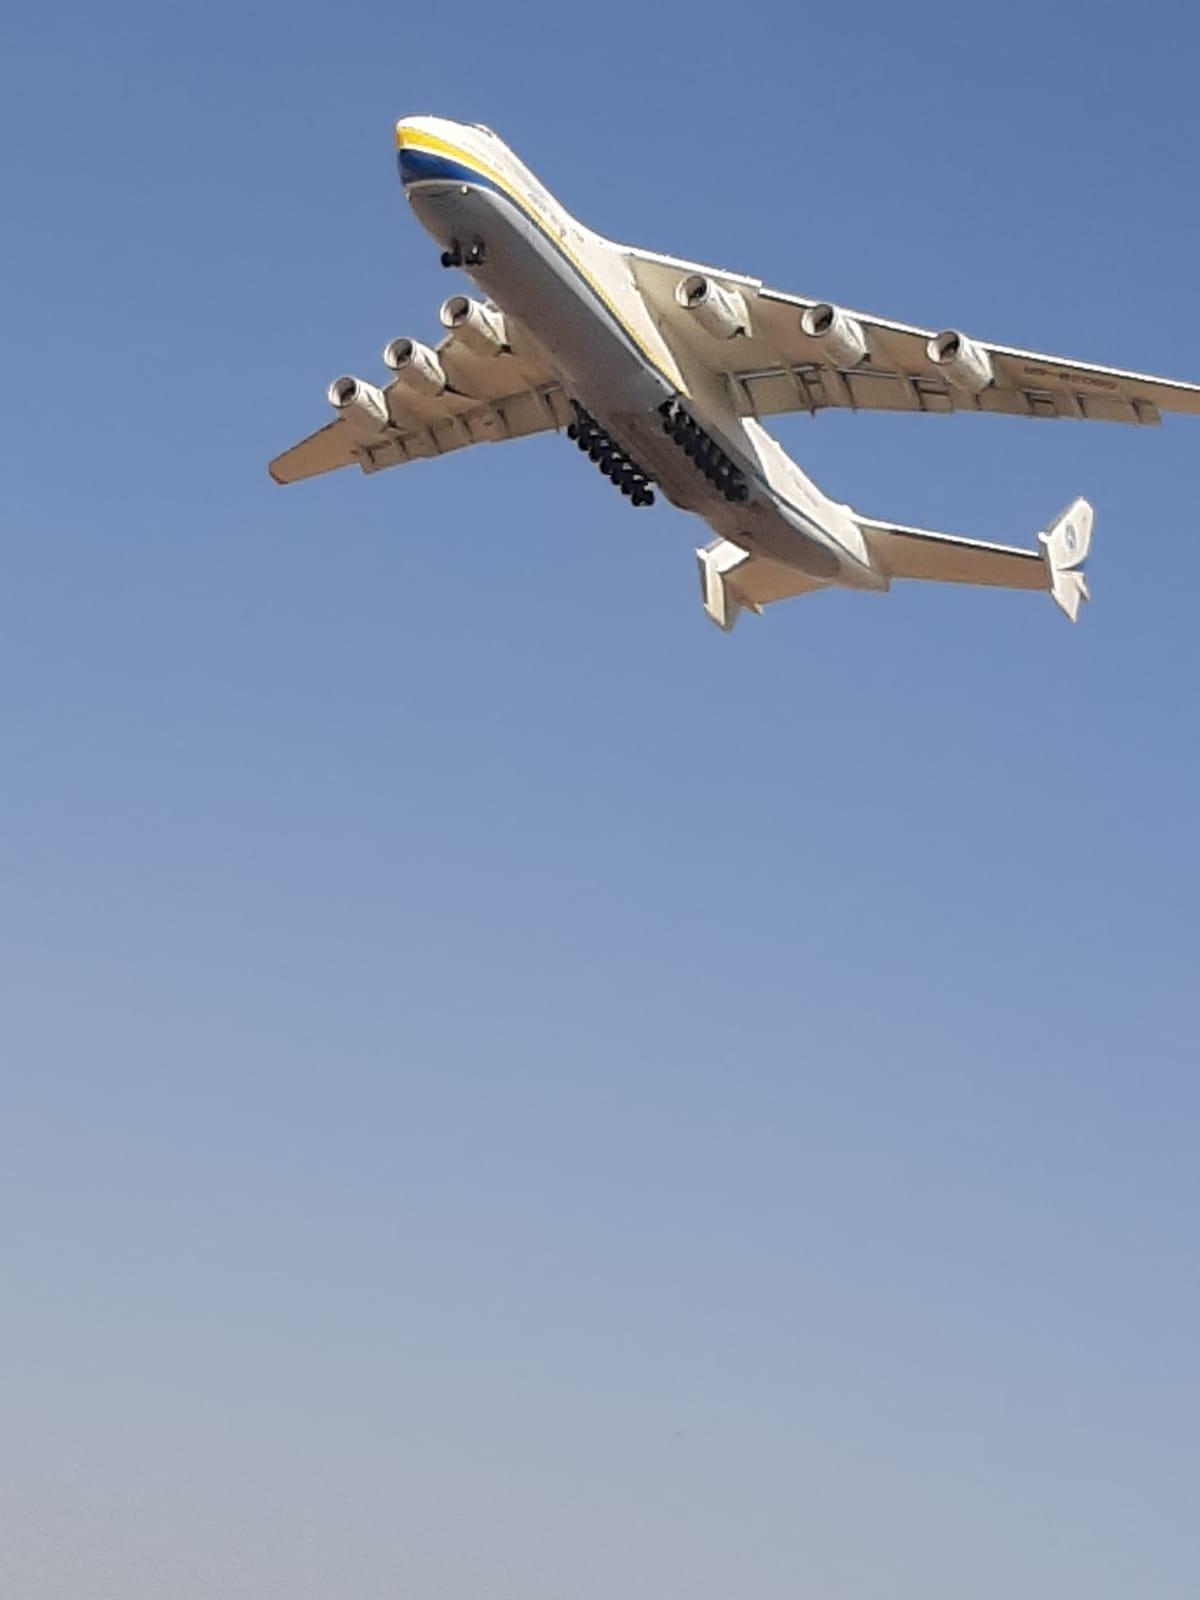 فيديو: أضخم طائرة بالعالم تهبط في مطار اللد